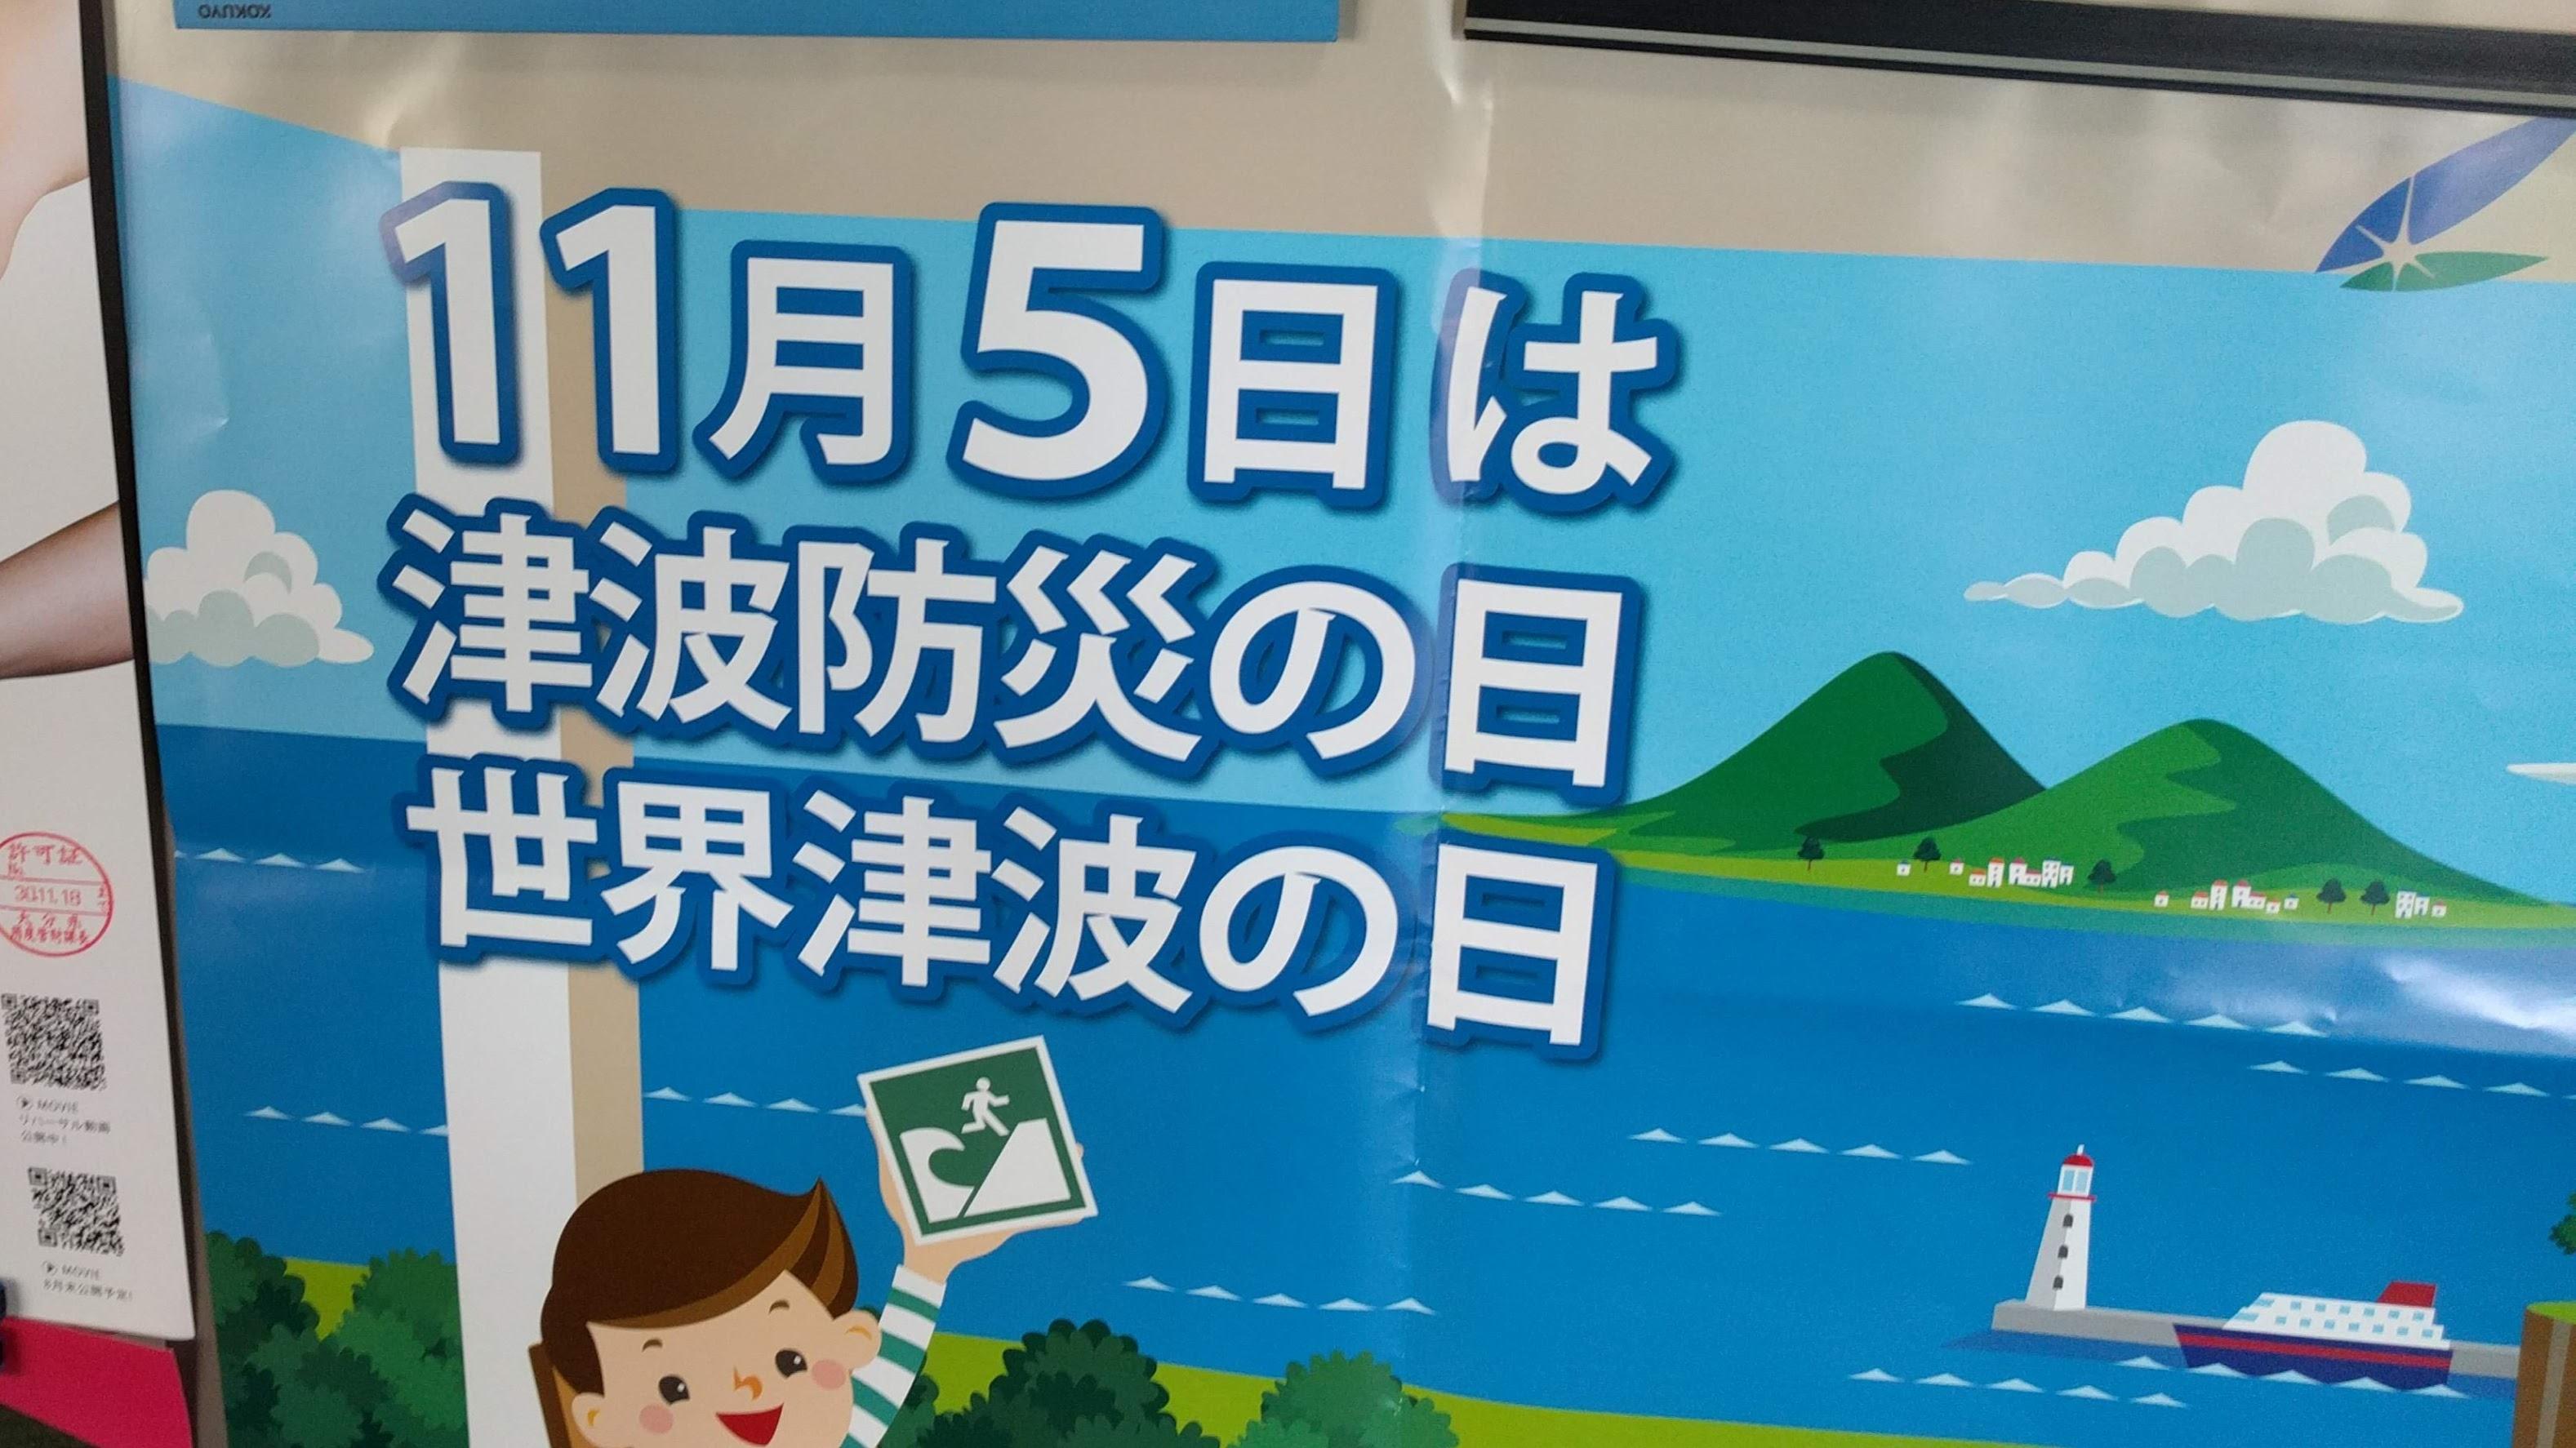 津波防災の日